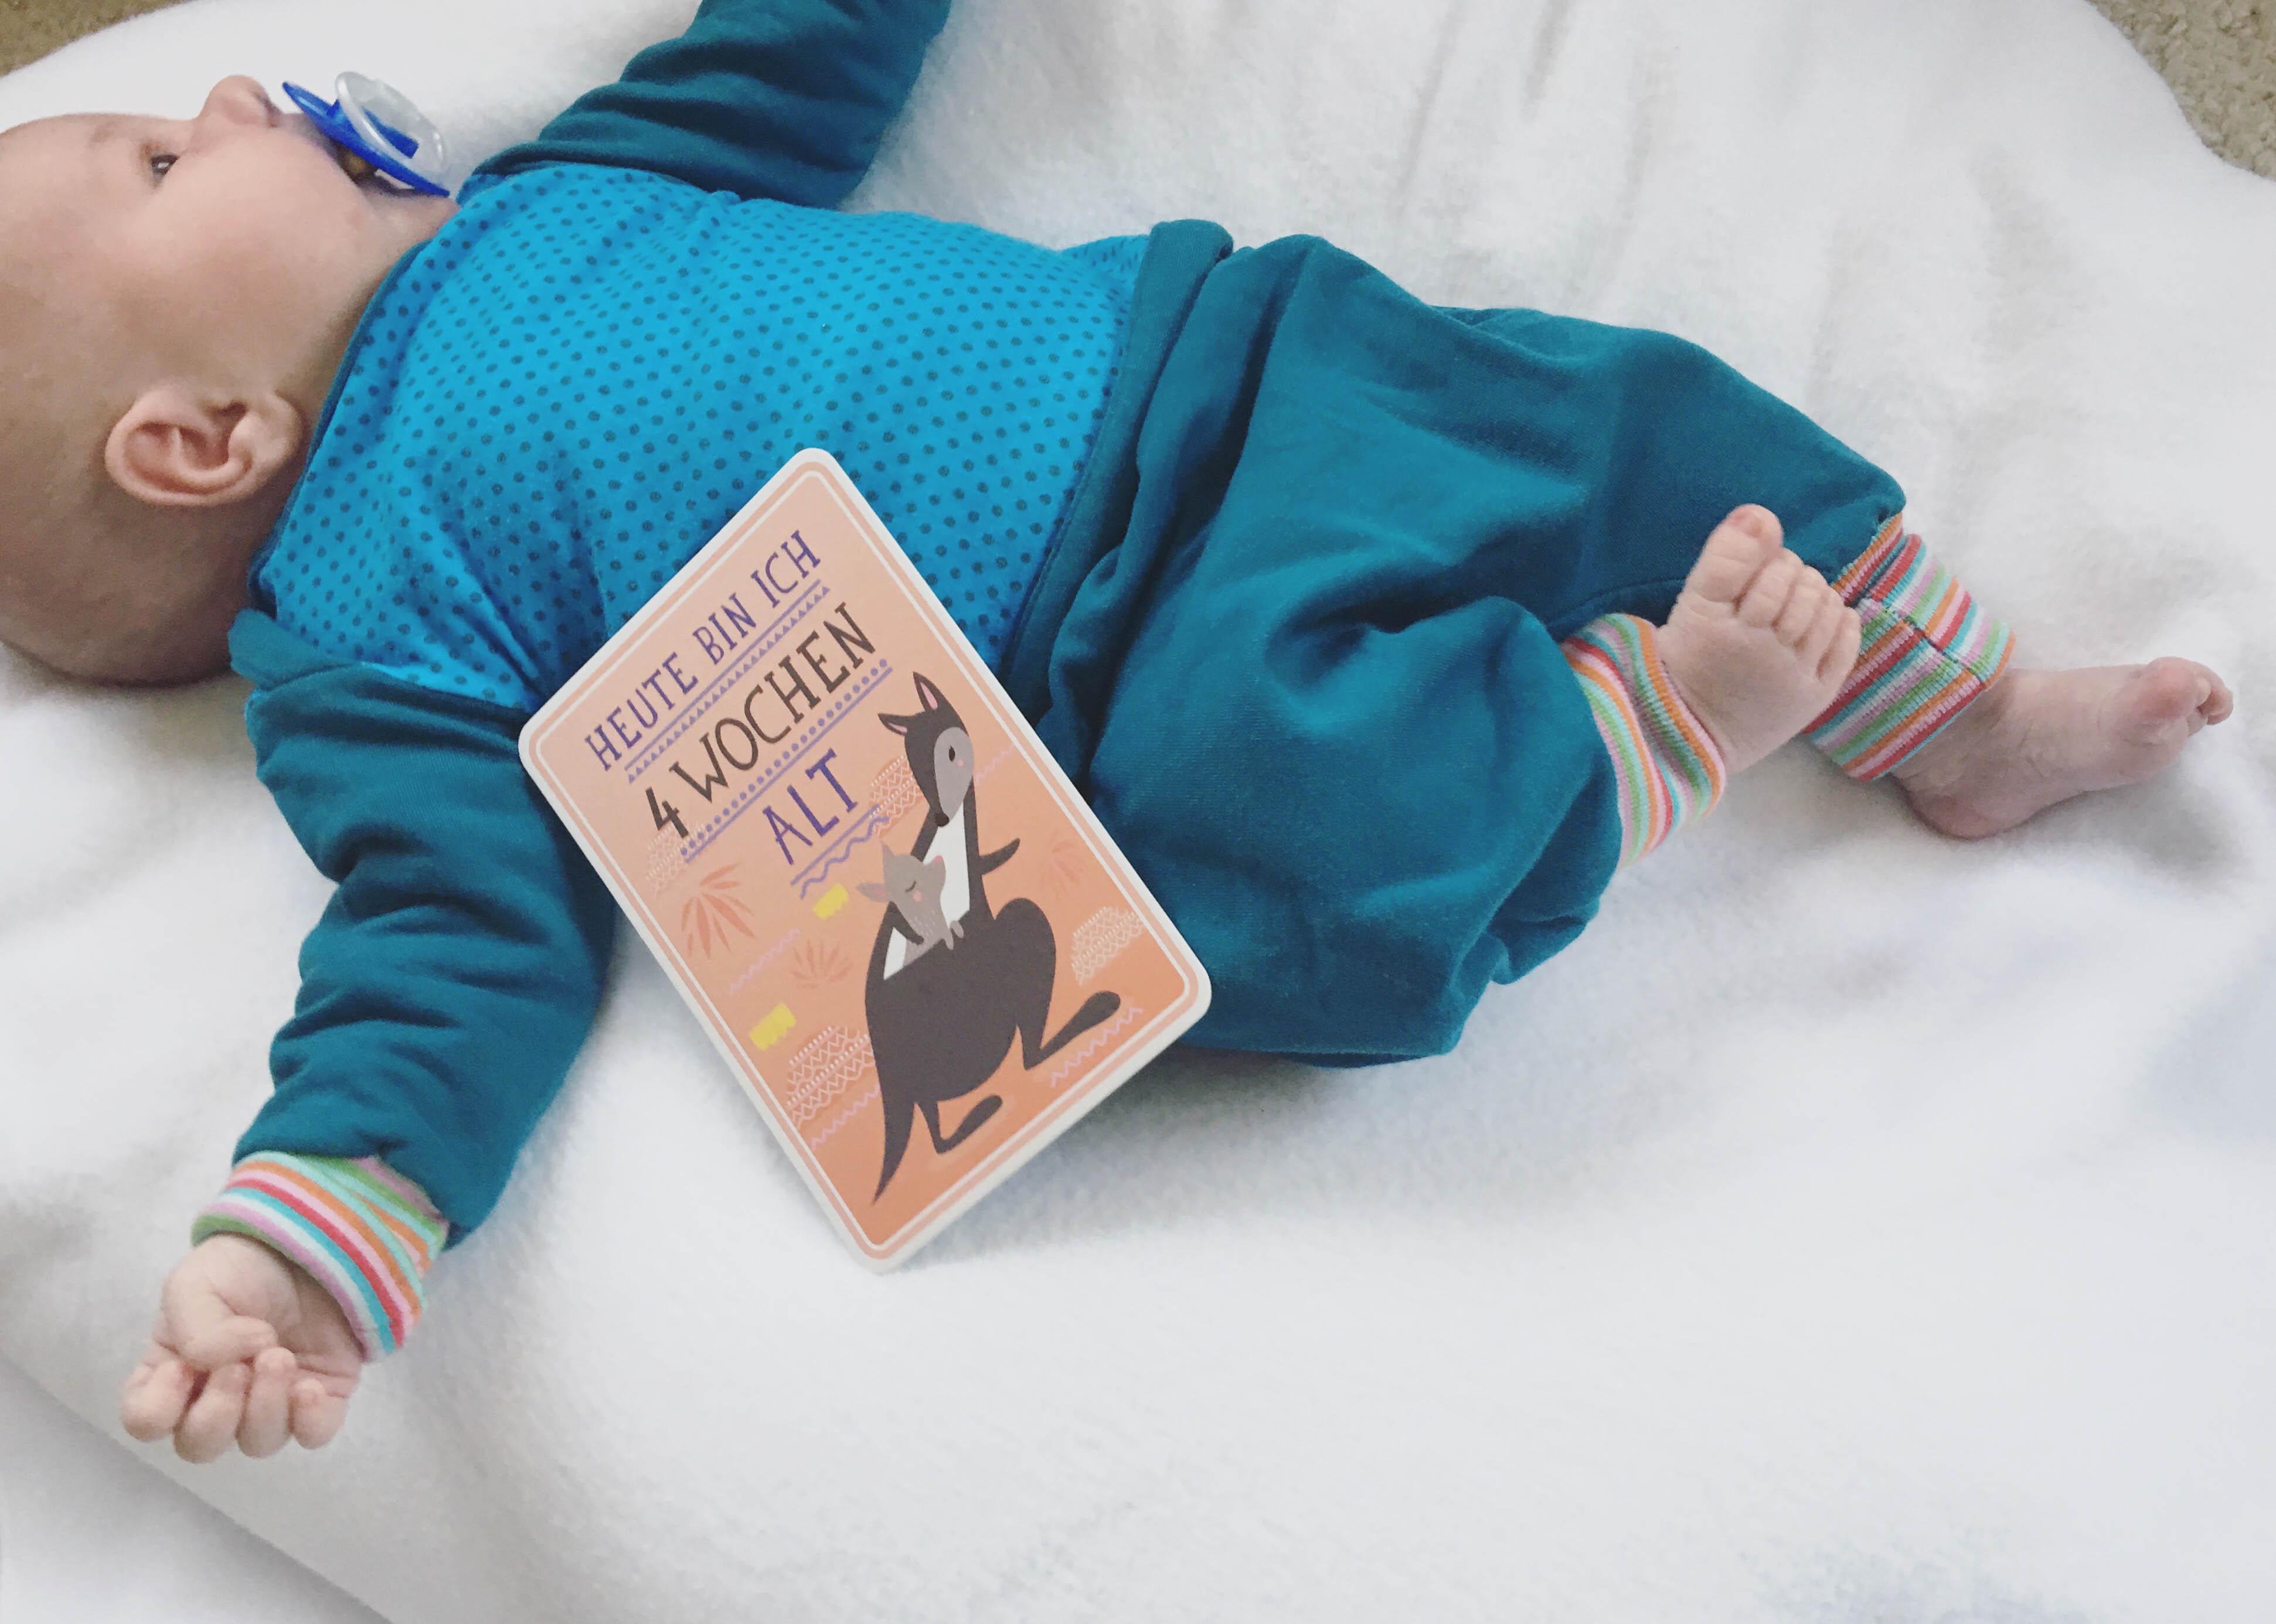 Familienalltag mit 3 Kindern - 4 Wochen - 1 Monat Baby